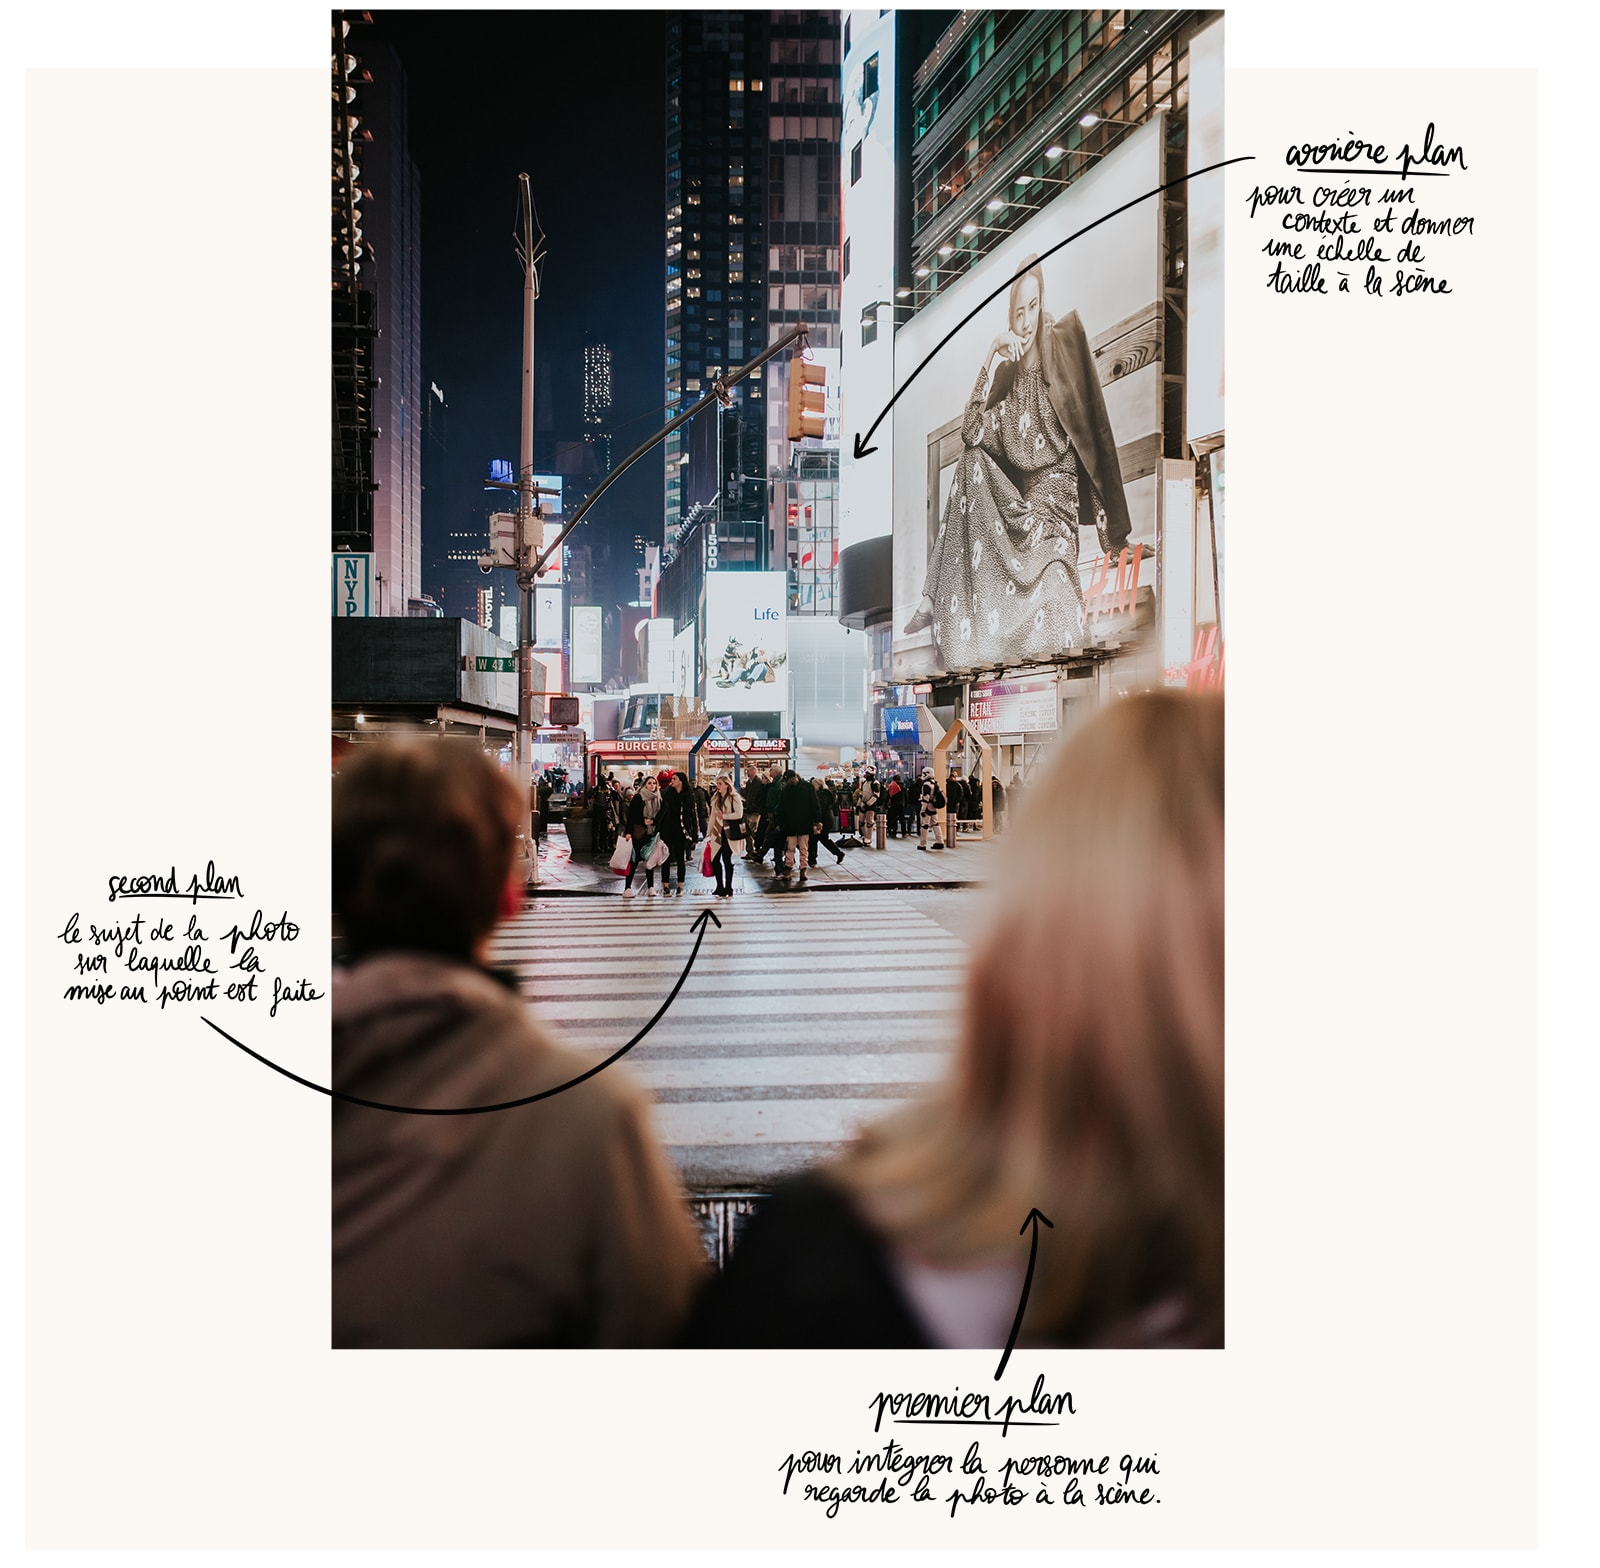 Comment raconter une histoire à travers ses photographies en apprenant à cadrer